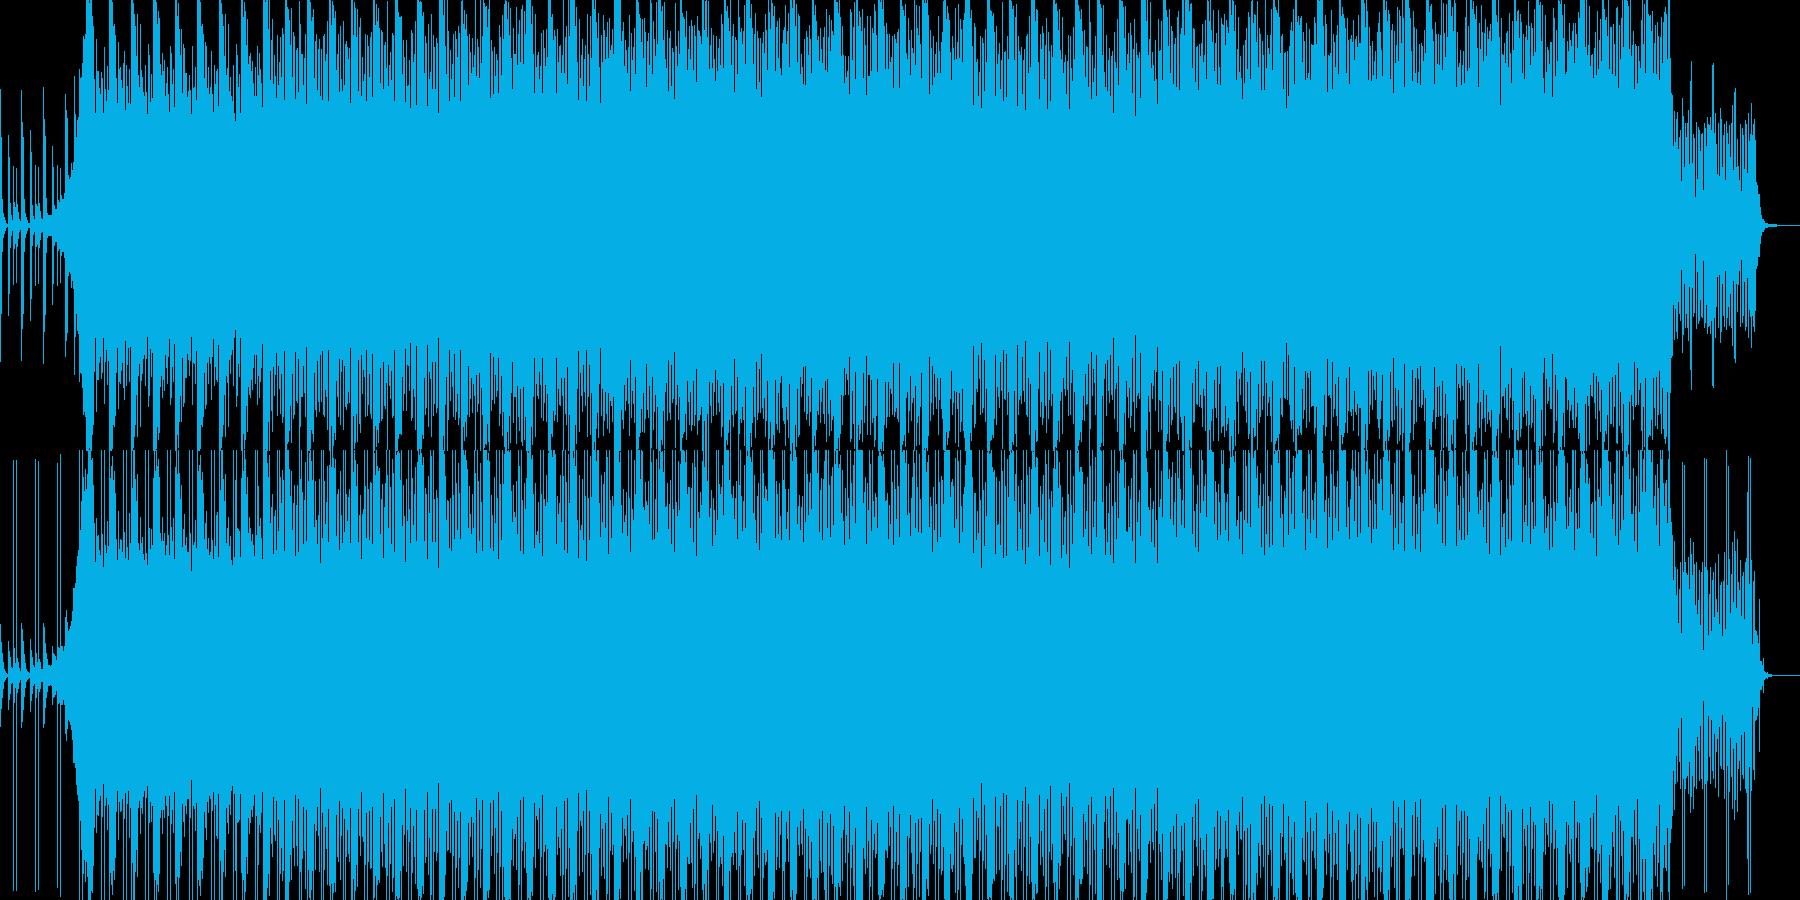 ニュース映像ナレーションバック向け-23の再生済みの波形